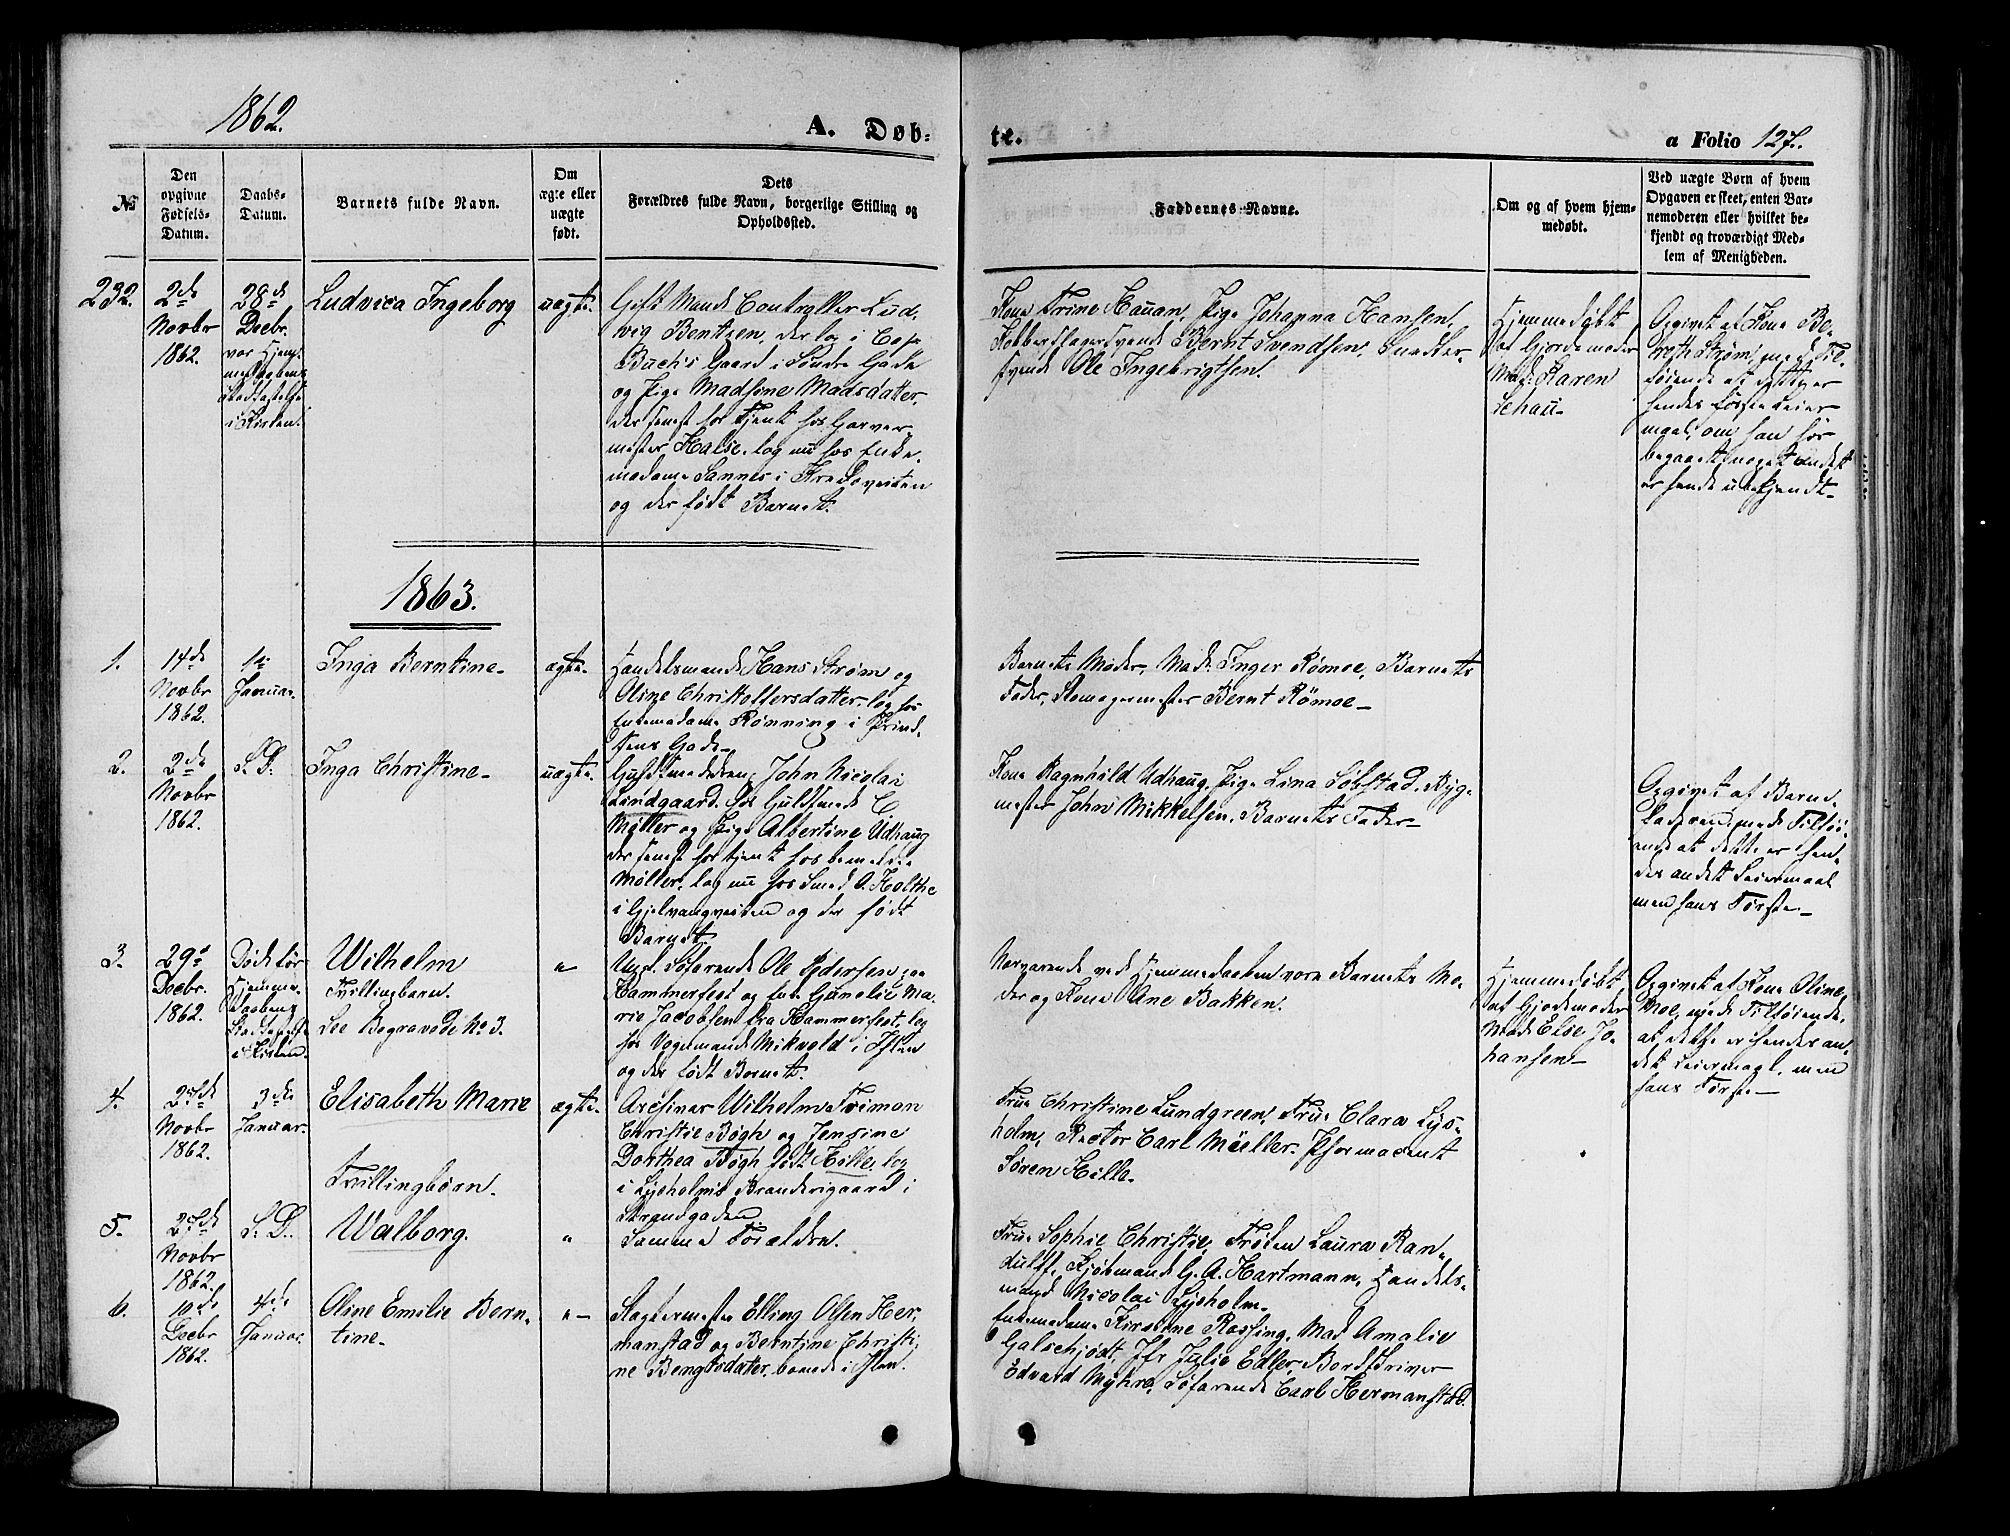 SAT, Ministerialprotokoller, klokkerbøker og fødselsregistre - Sør-Trøndelag, 602/L0139: Klokkerbok nr. 602C07, 1859-1864, s. 127